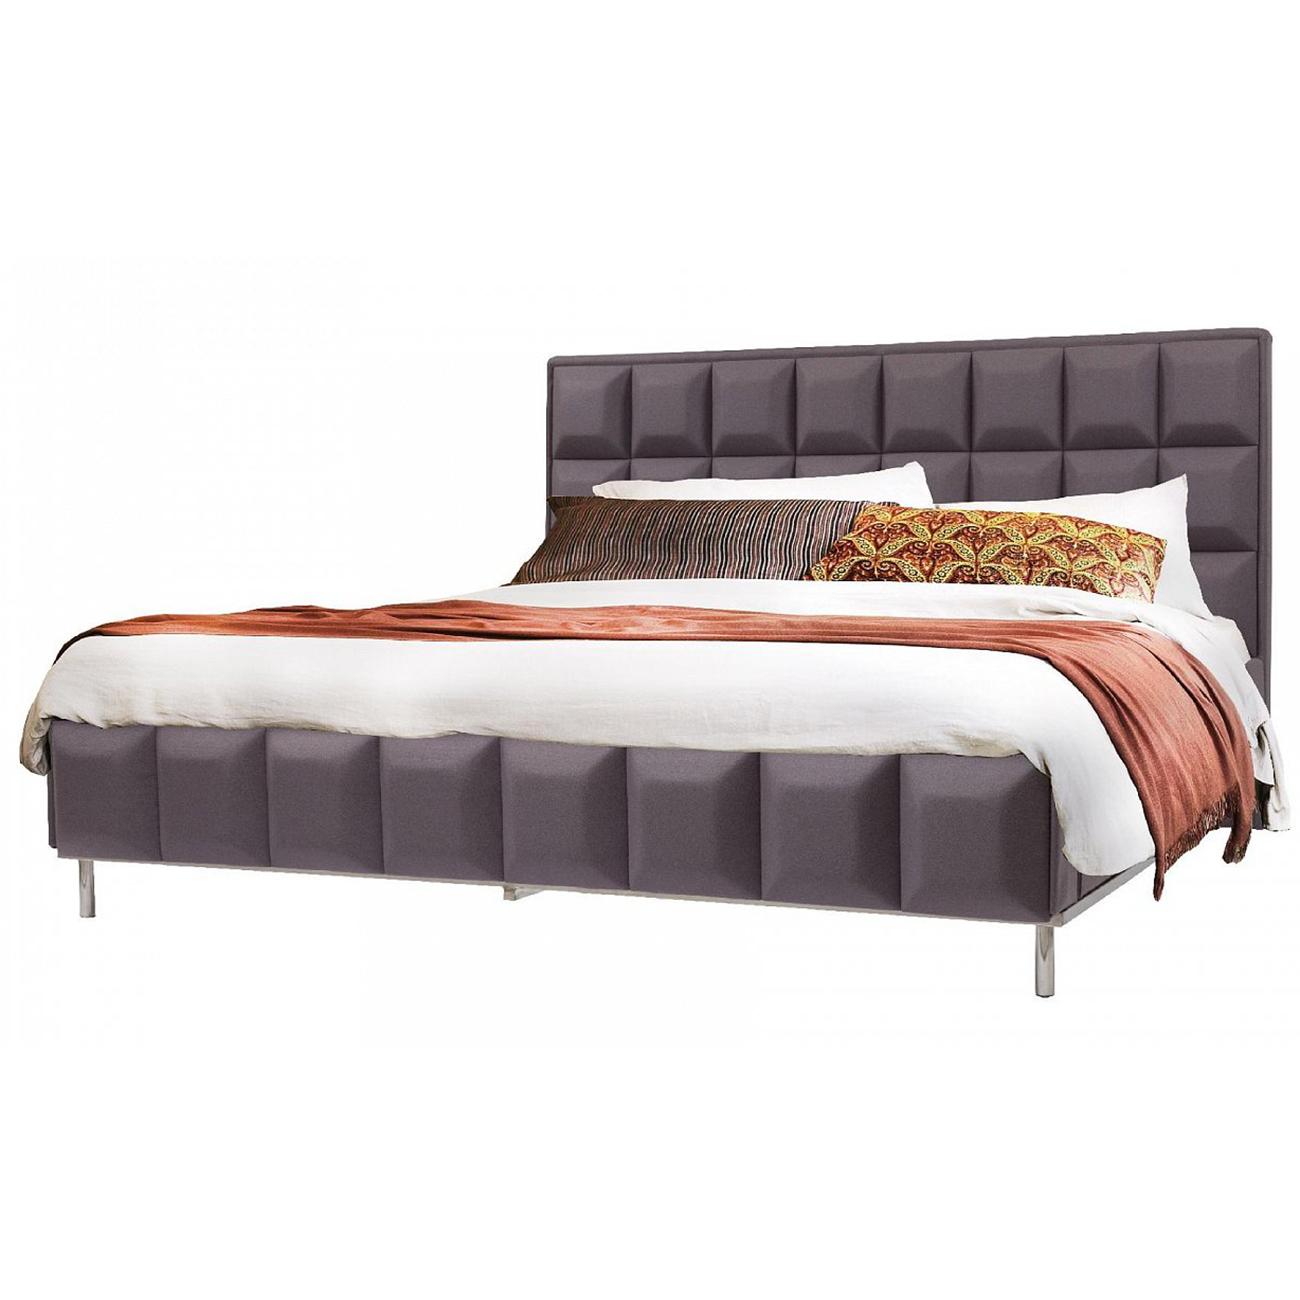 Купить Кровать Barrywhite 180х200 Фиолетовый Кашемир в интернет магазине дизайнерской мебели и аксессуаров для дома и дачи